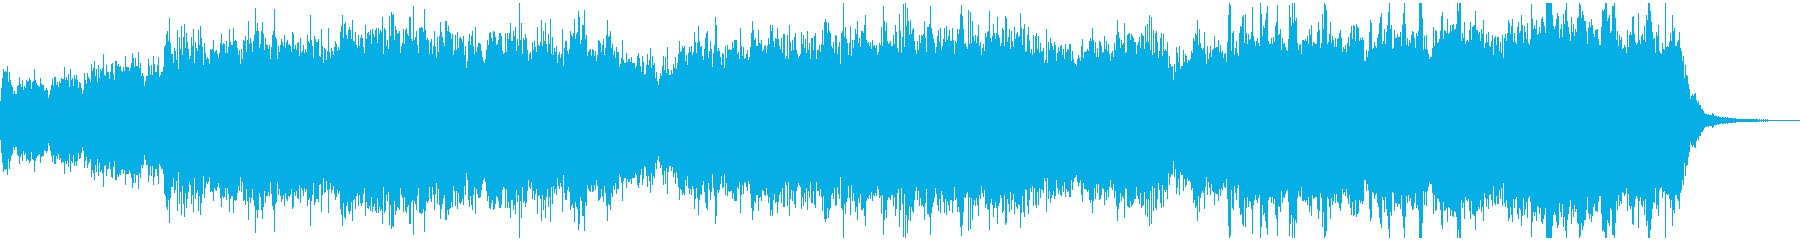 オーケストラによる戦闘リザルトBGMの再生済みの波形